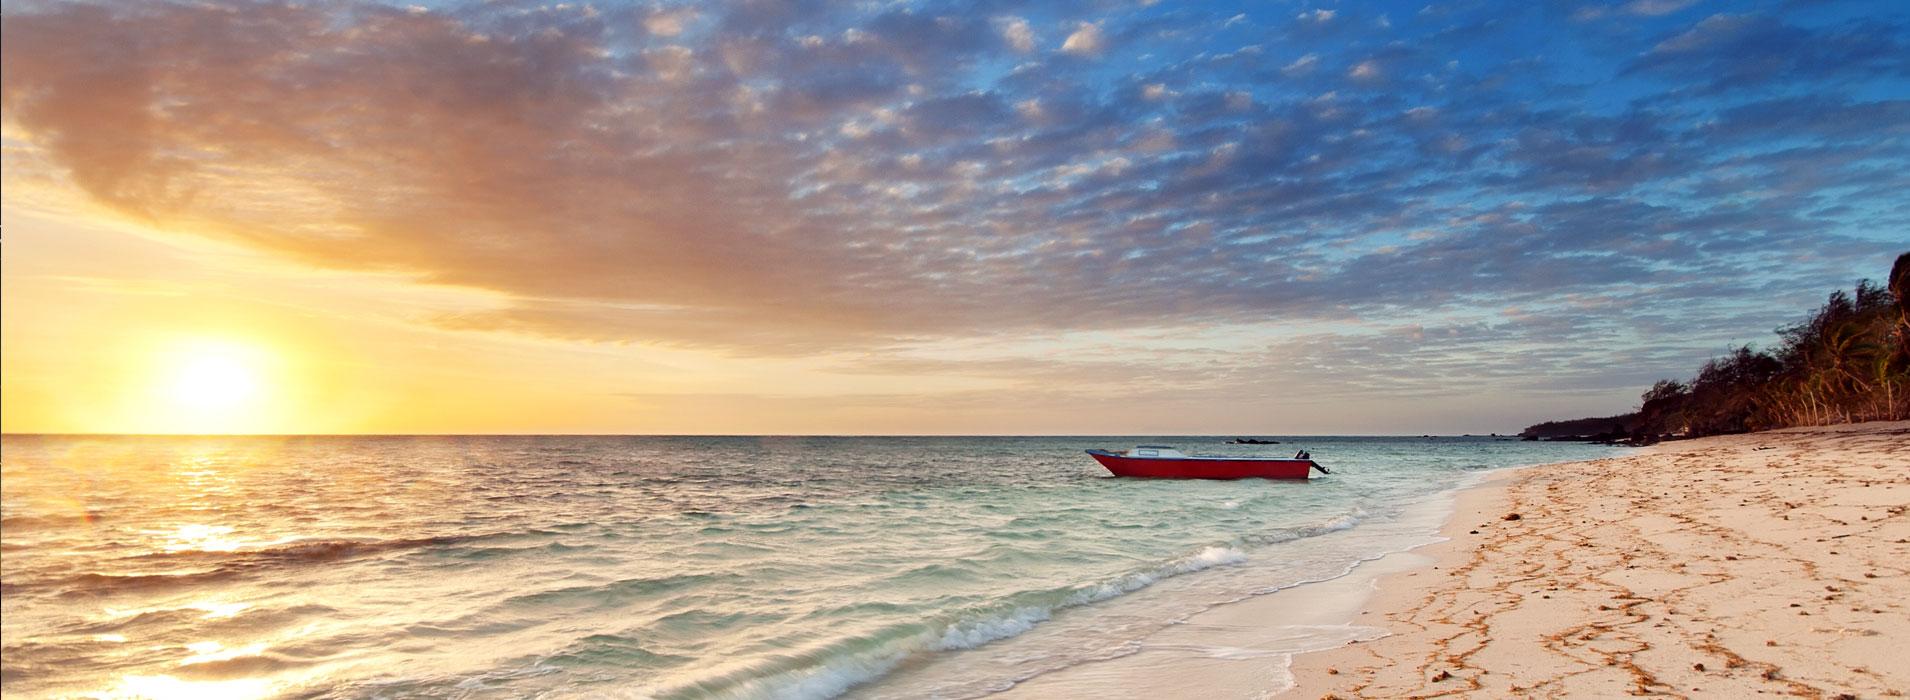 Beaches & Reefs